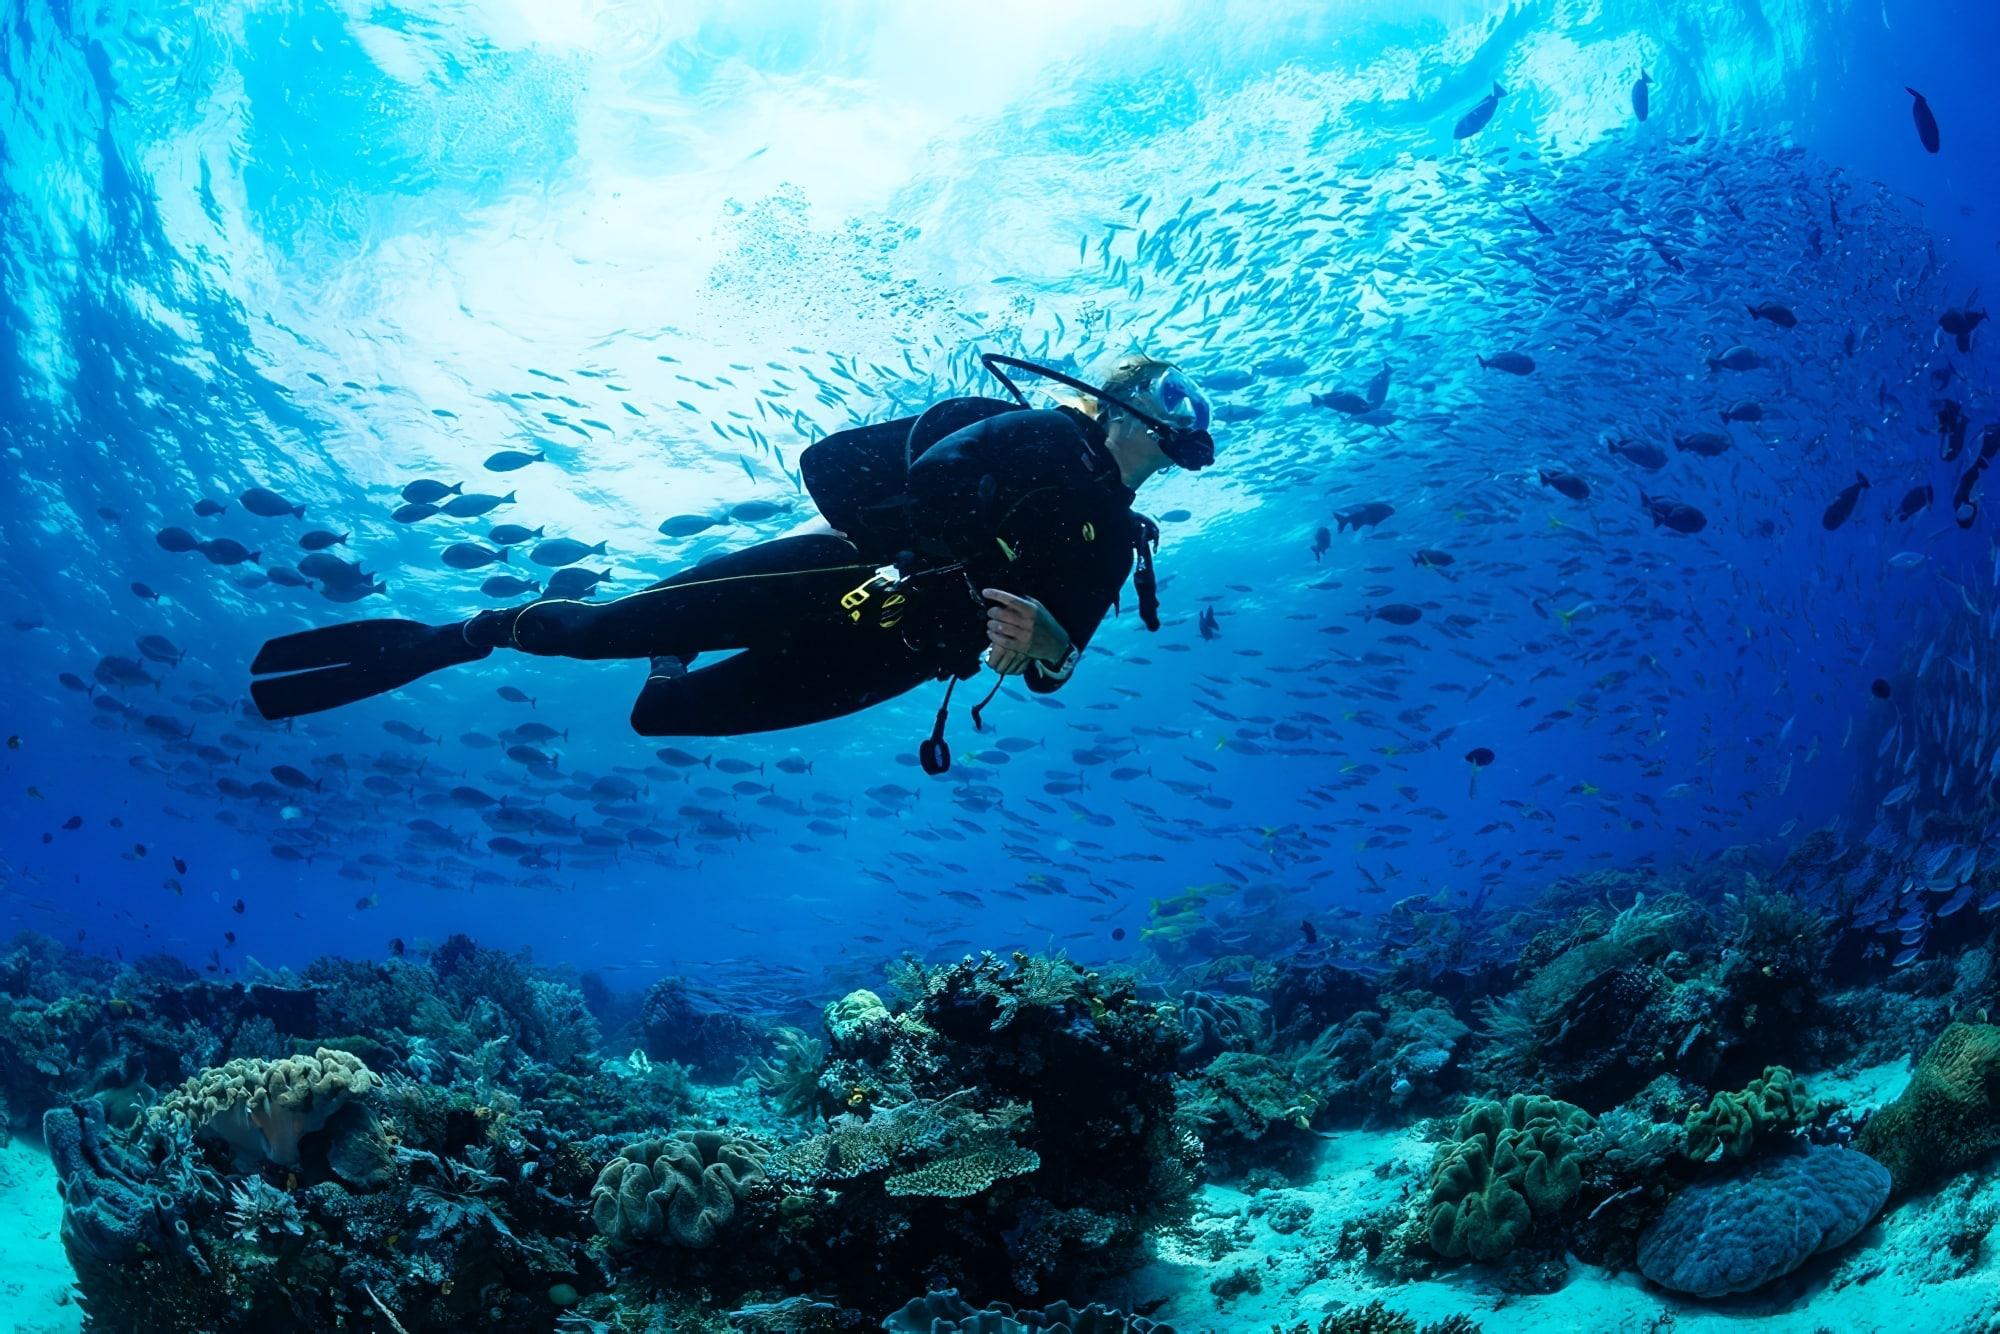 Les 10 meilleurs spots de plongée de France